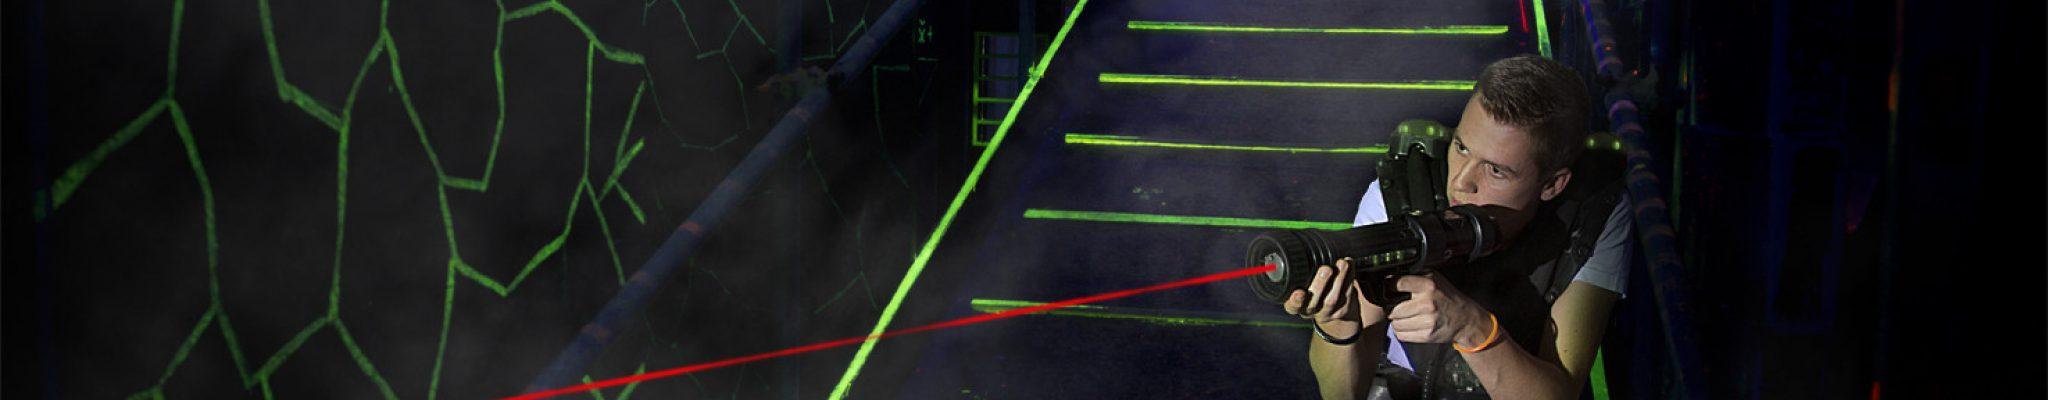 Laserquest arena 14